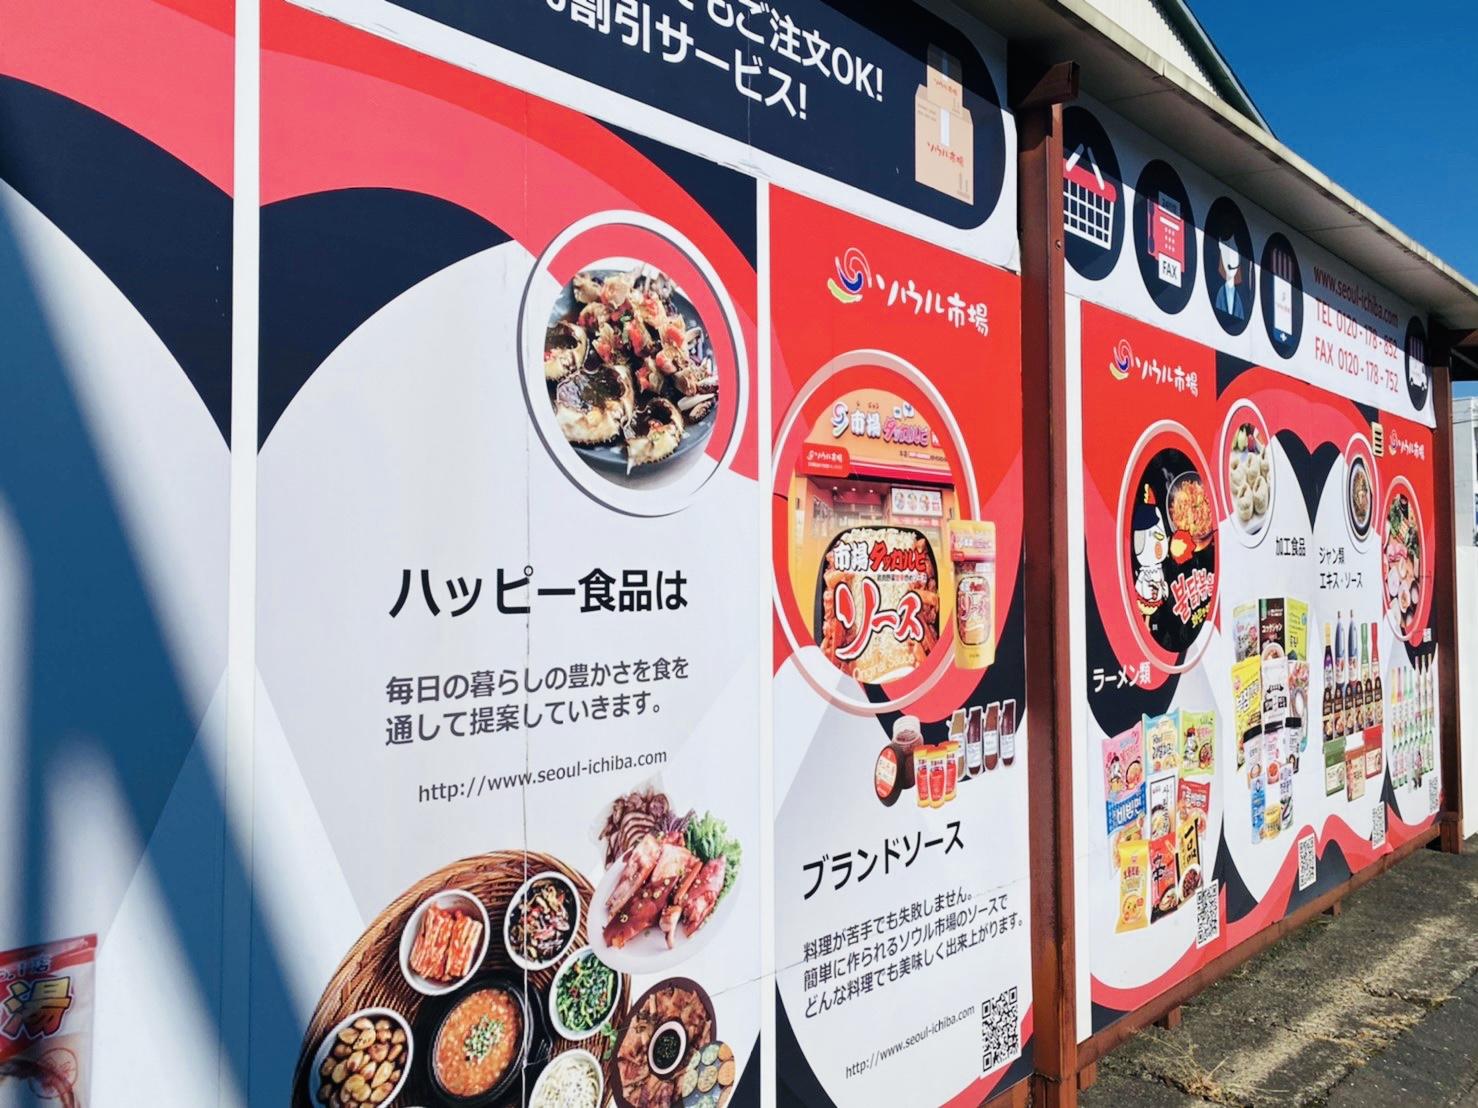 戸田市『ソウル市場 物流センター』で『ノグリ』『ブルダック』『チルソンサイダー』他大量に買って食べてみた。